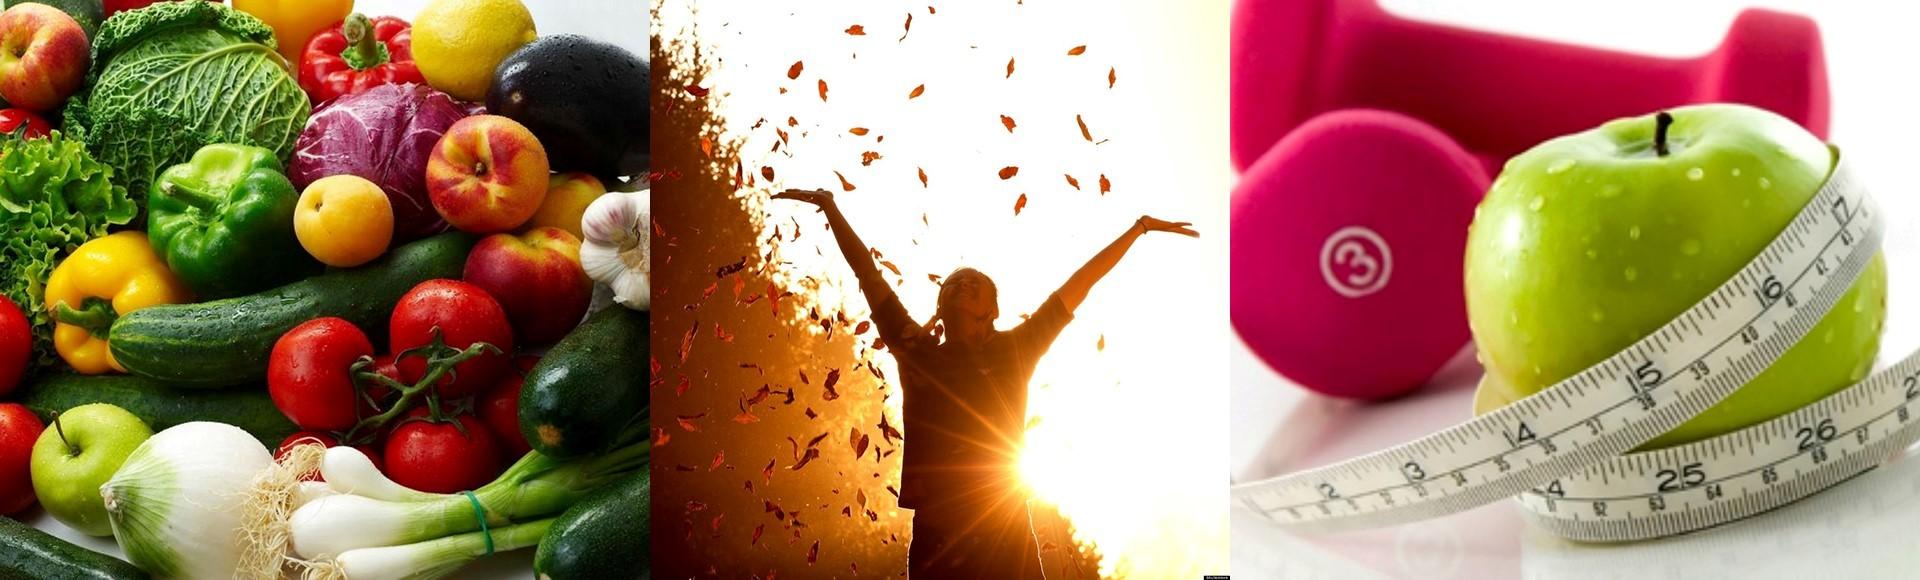 Quelques conseils pour une vie plus saine | Psychologies.com | Capital.fr